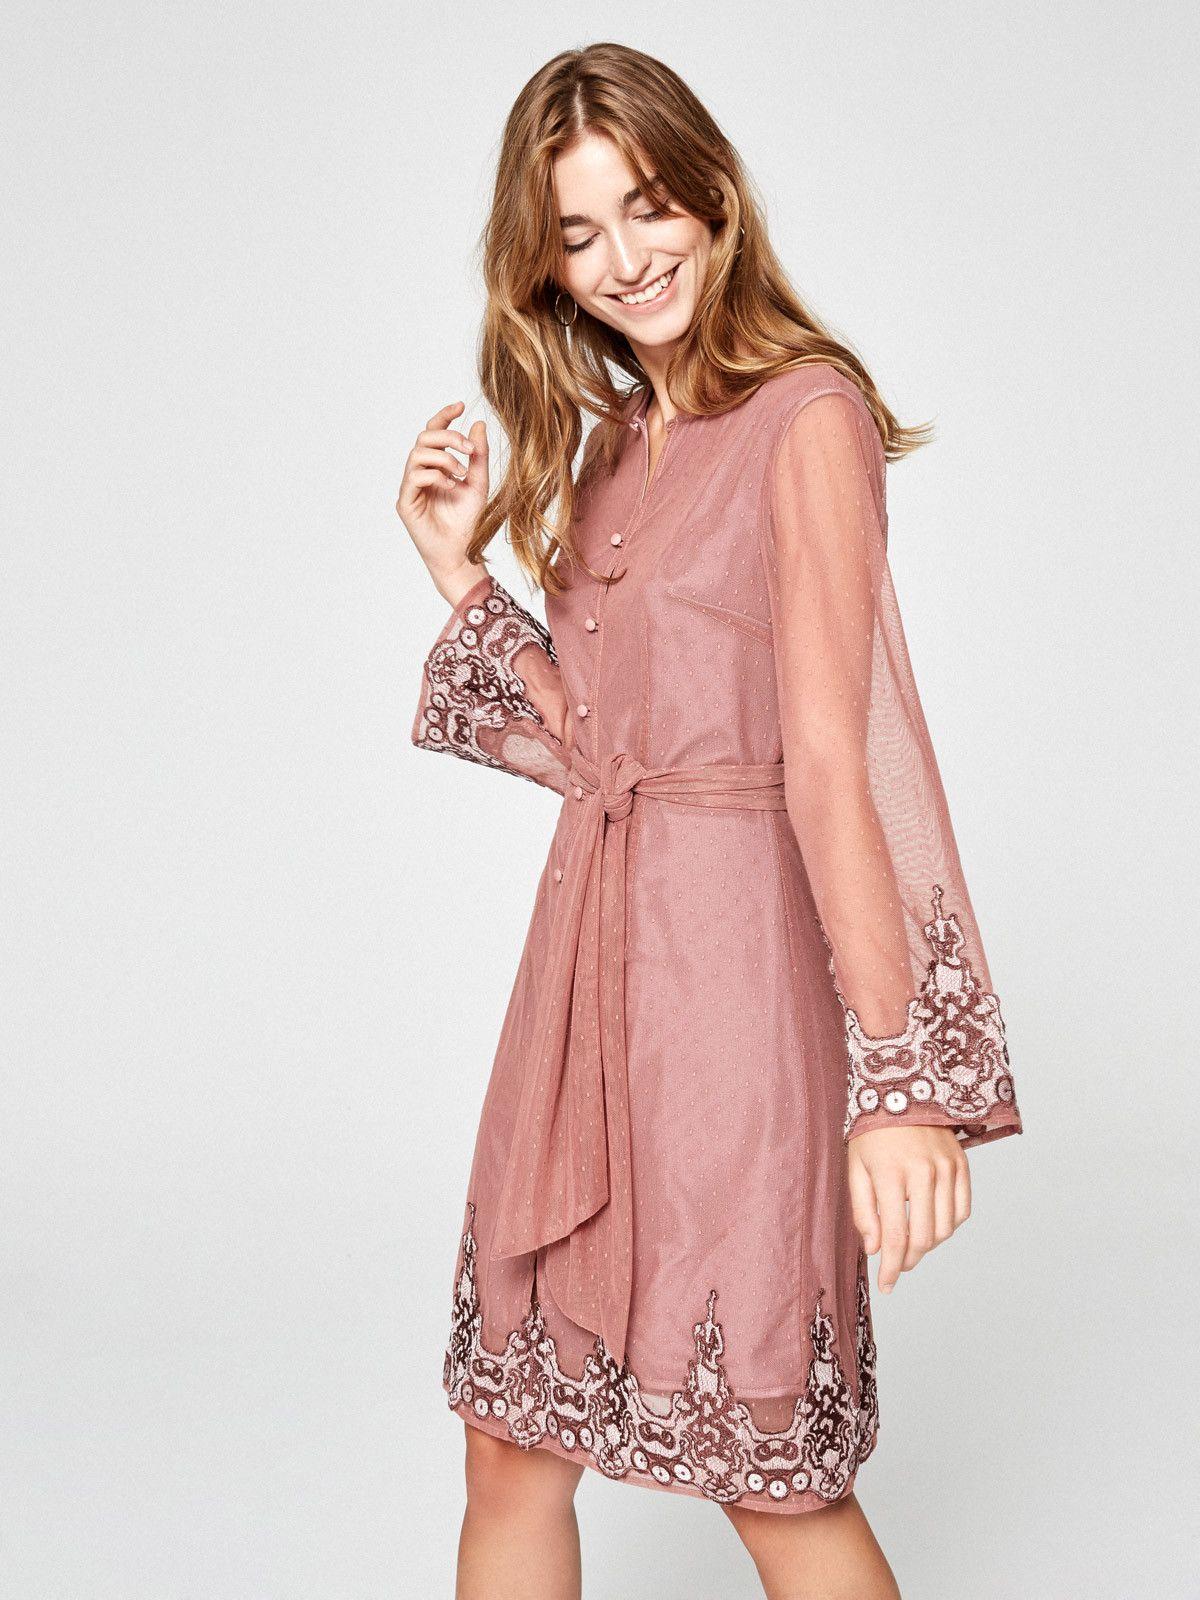 MIOH CANCER - Vestido de plumeti bordado en mioh.eu #mioh #vestidos ...